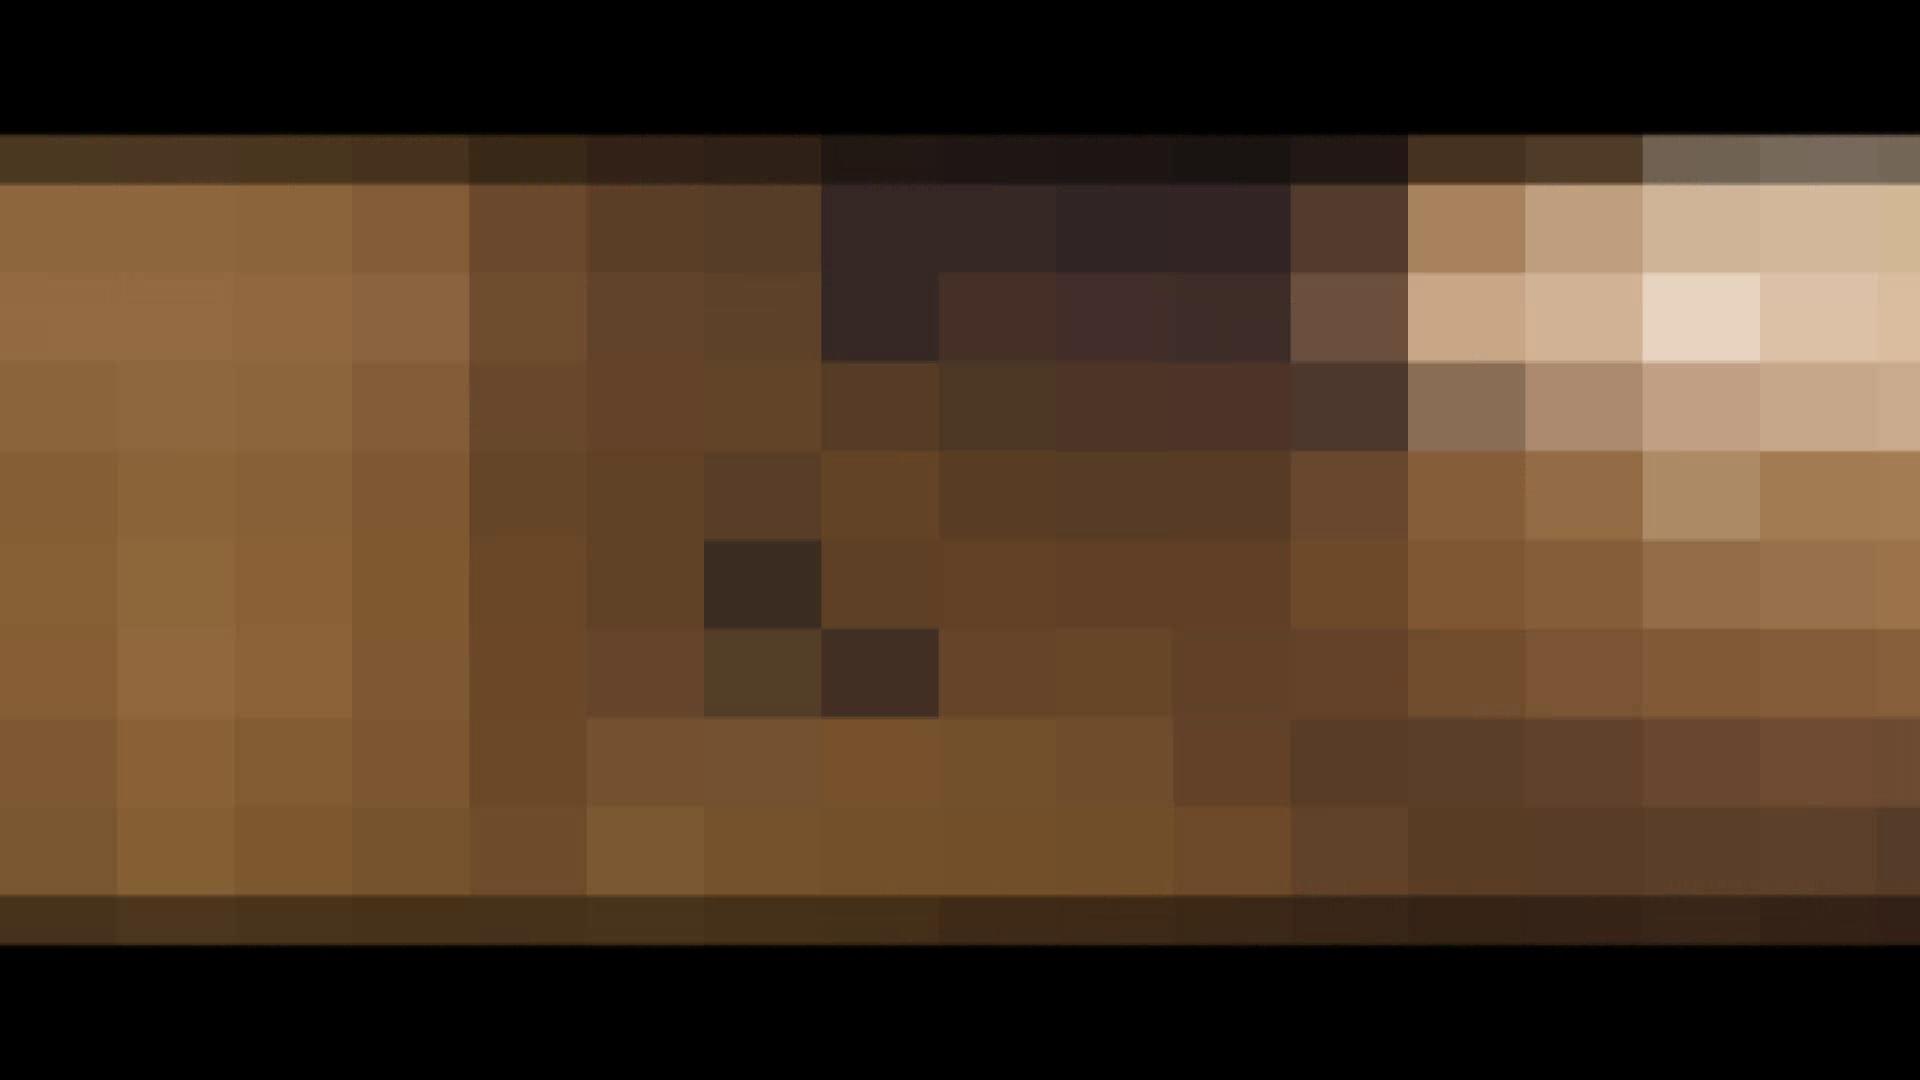 世界の射窓から vol.30 巨乳 すけべAV動画紹介 99枚 63